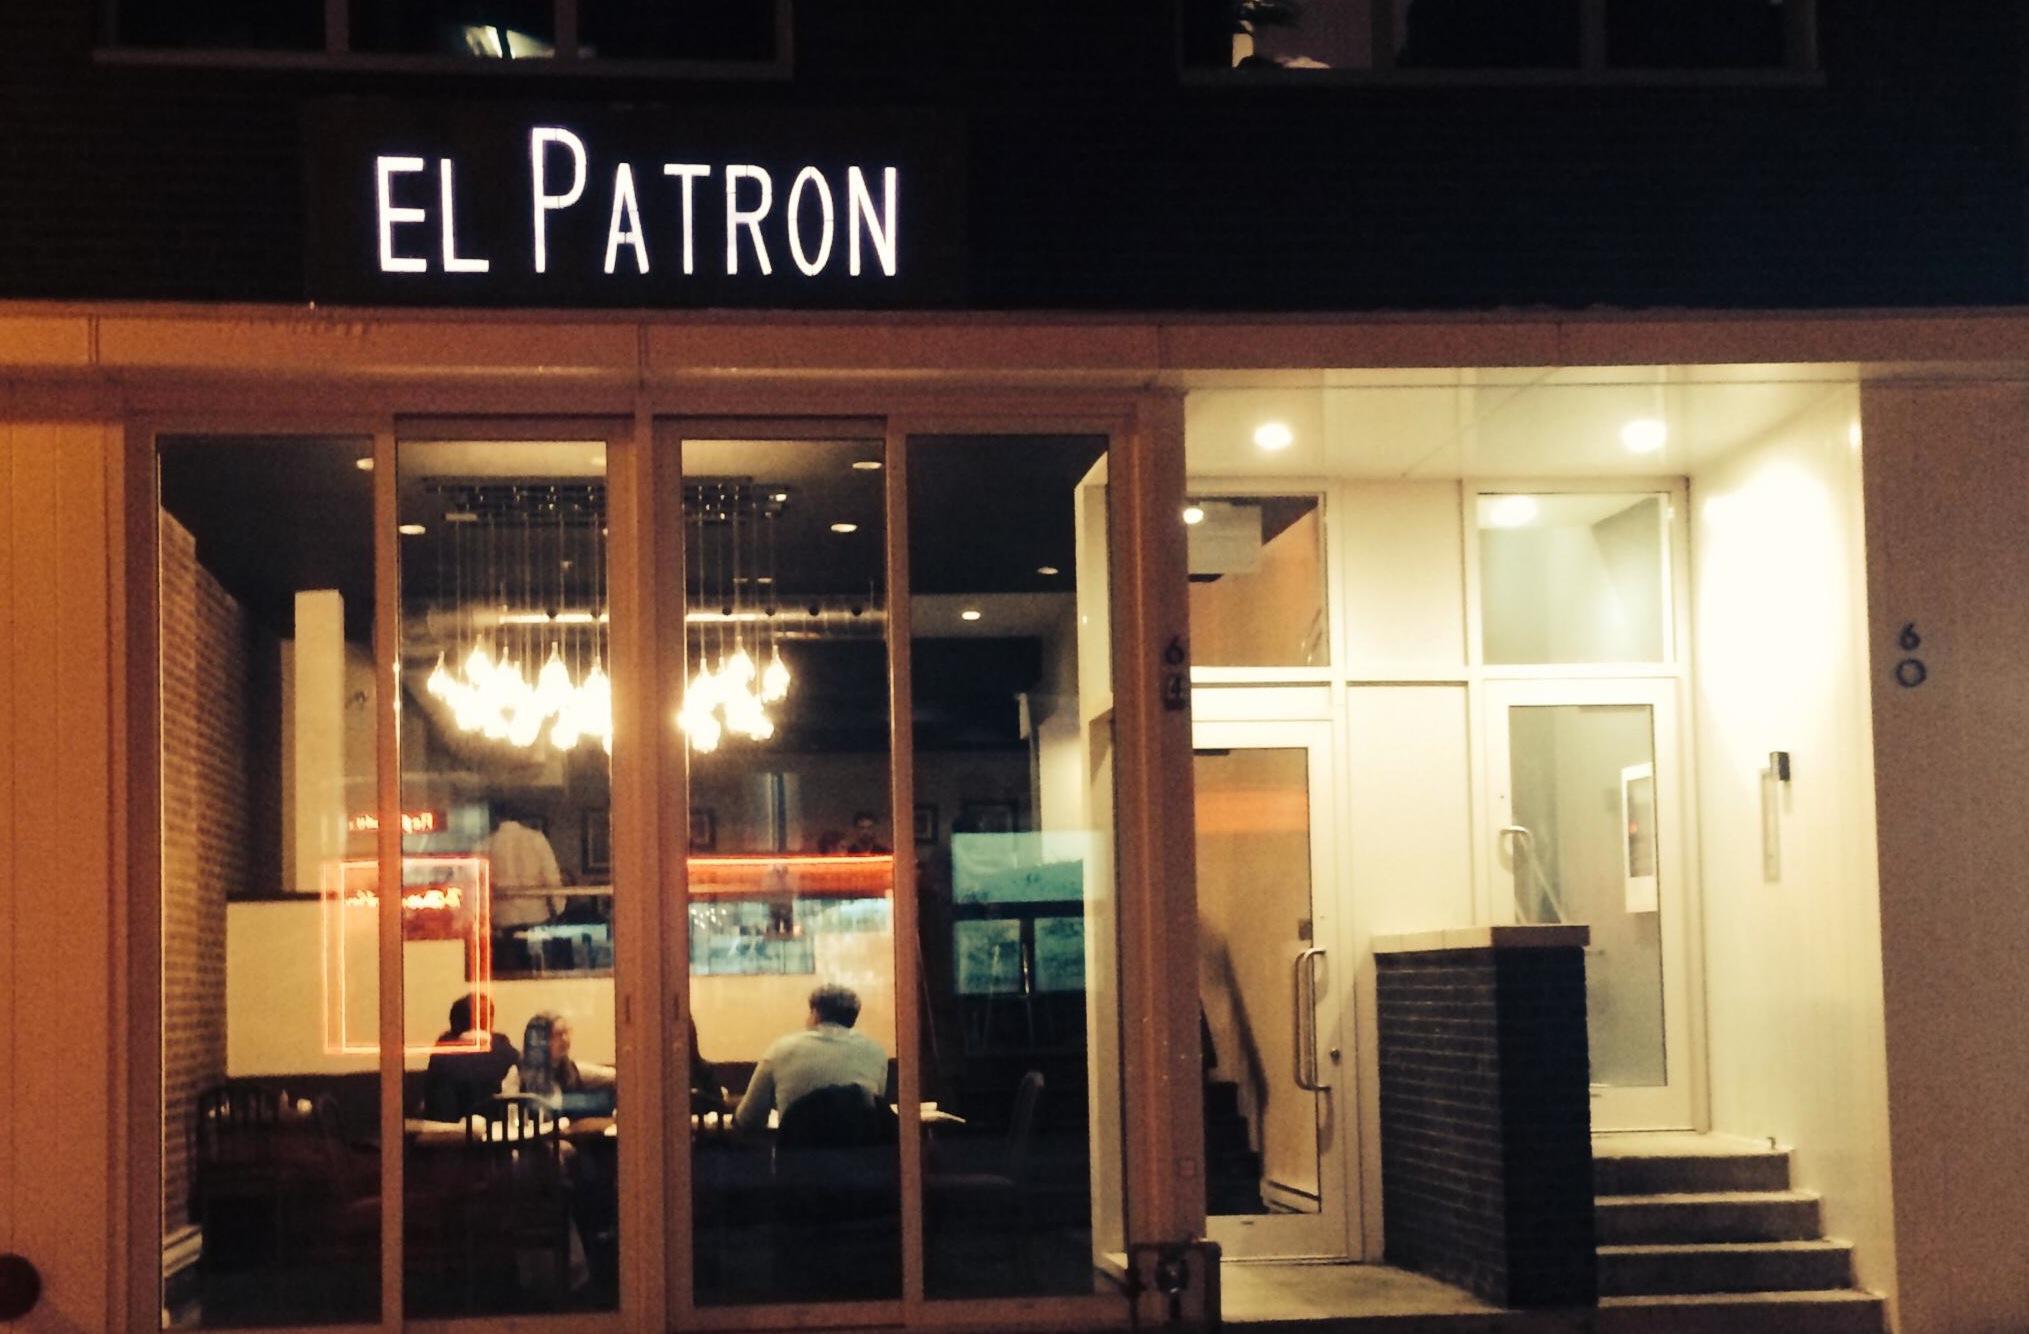 El Patron Mexican Restaurant Inc